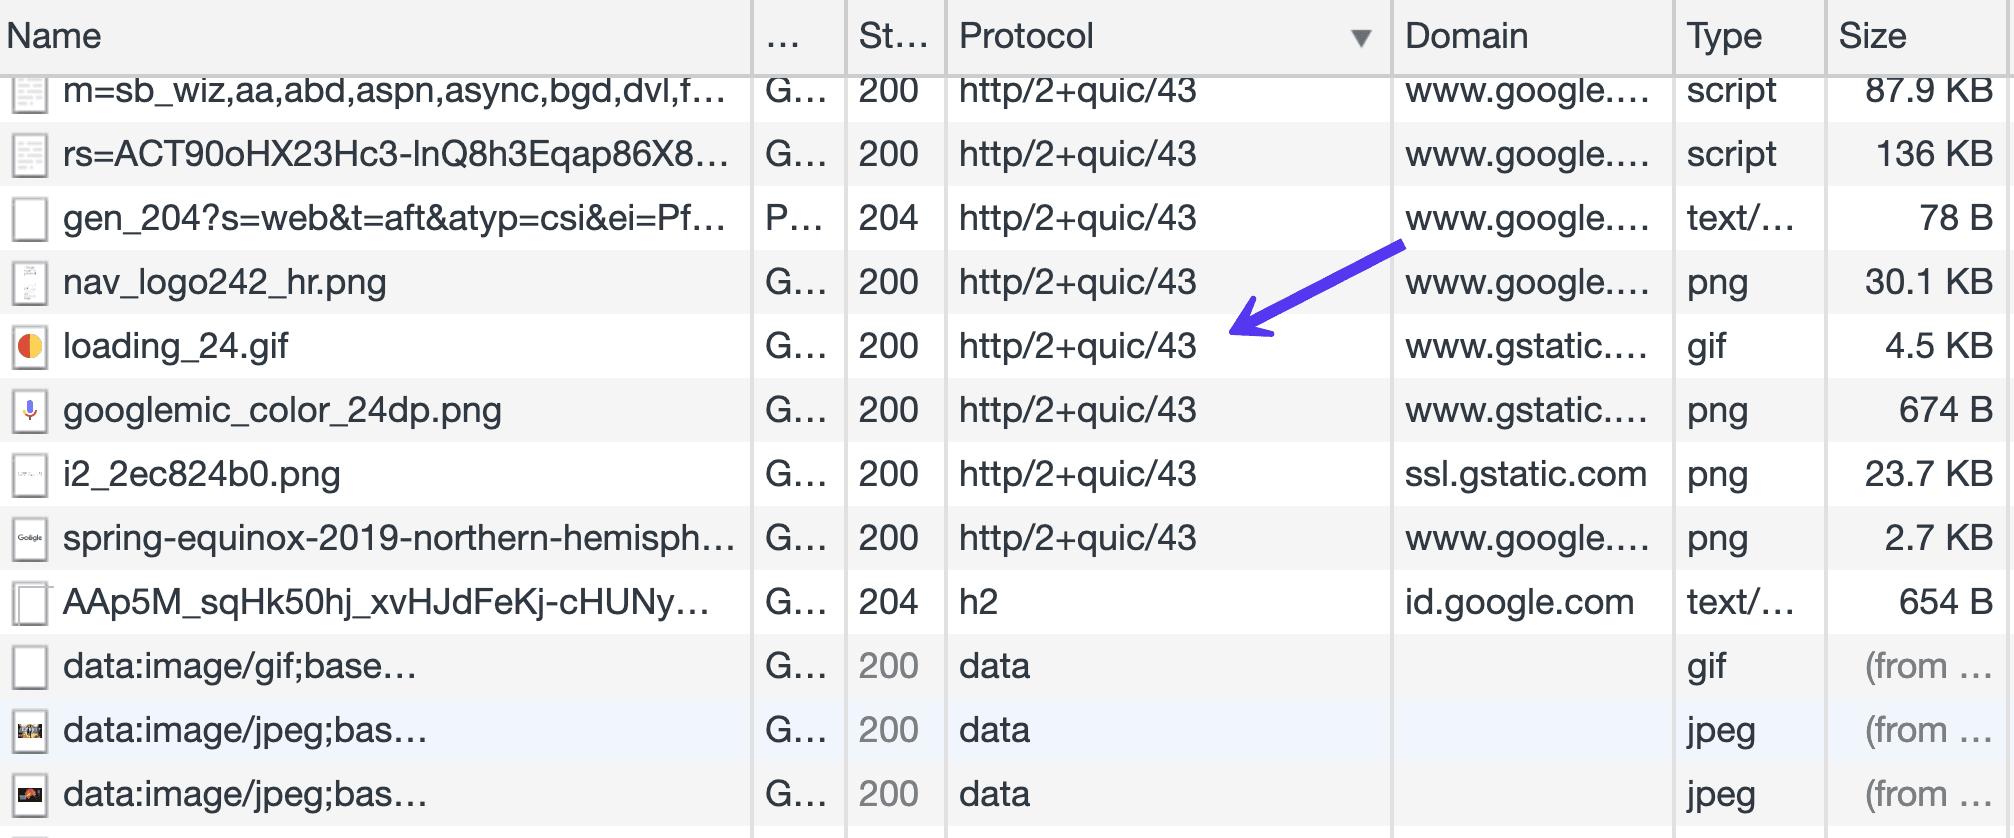 Carga de Gmail en Chrome Dev Tools para ver qué recursos carga en la columna Protocolo